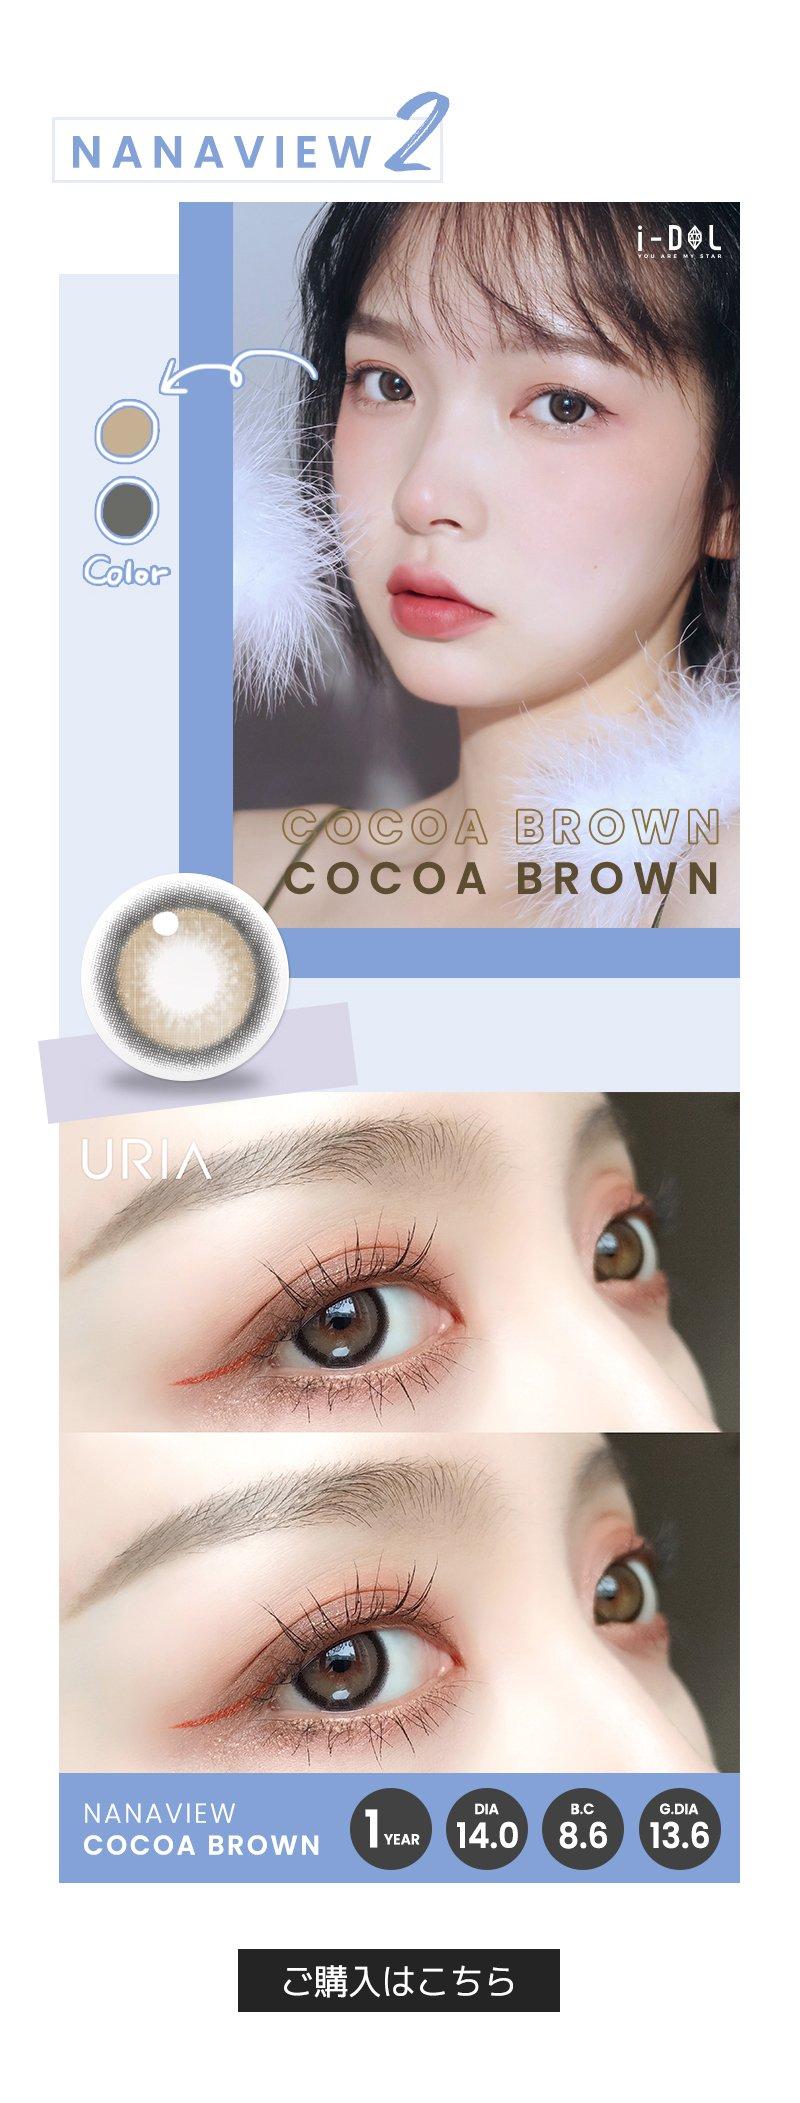 nanaview cocoa